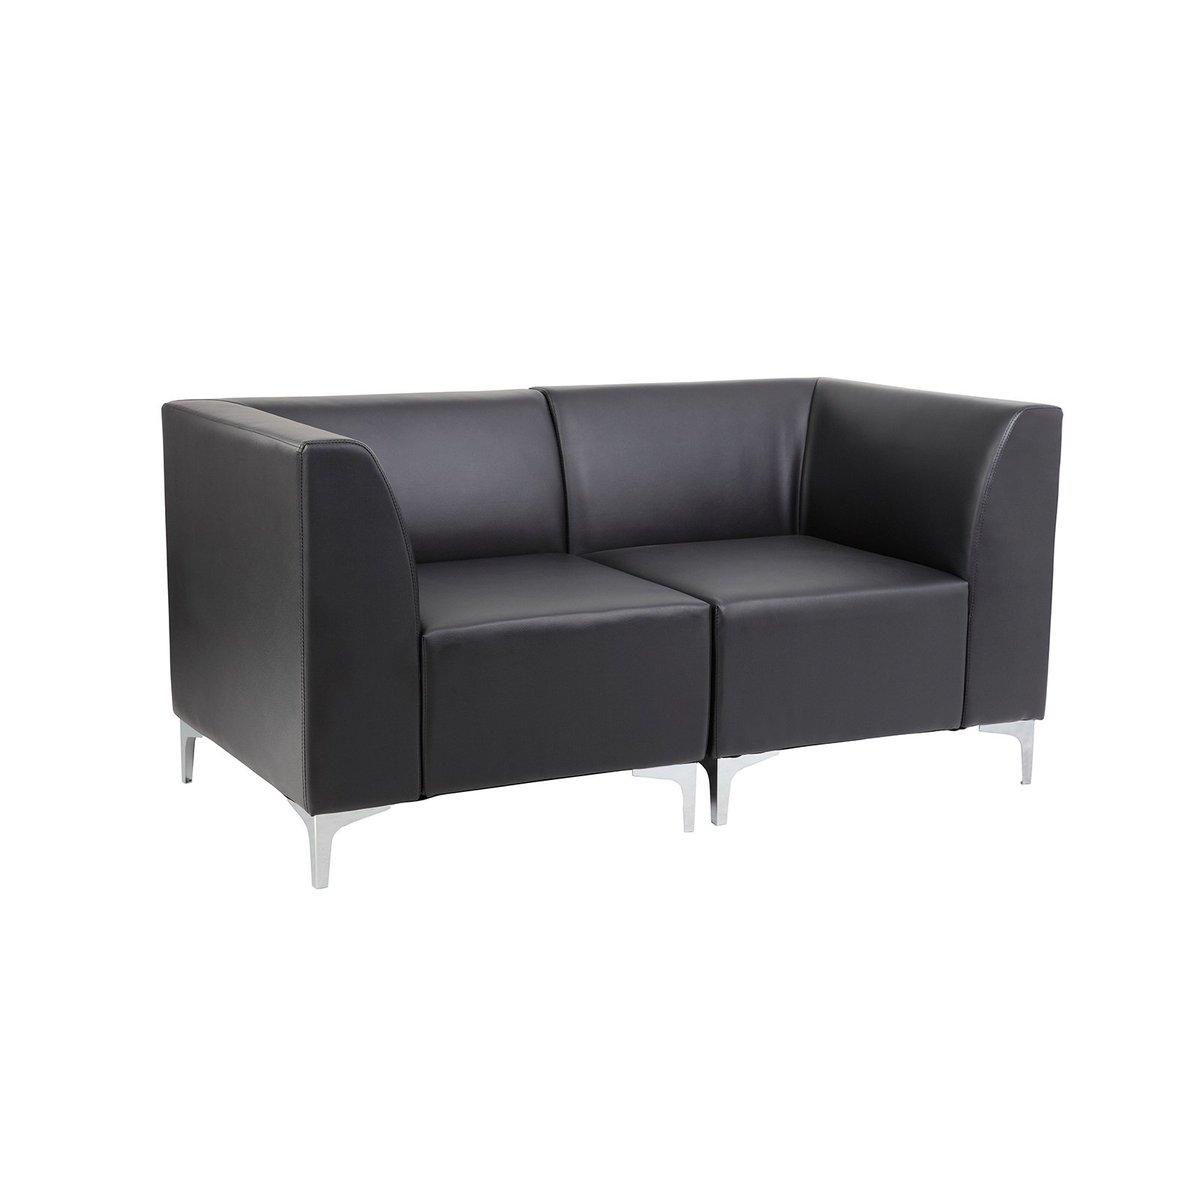 The Quatro Leather Modular Seating